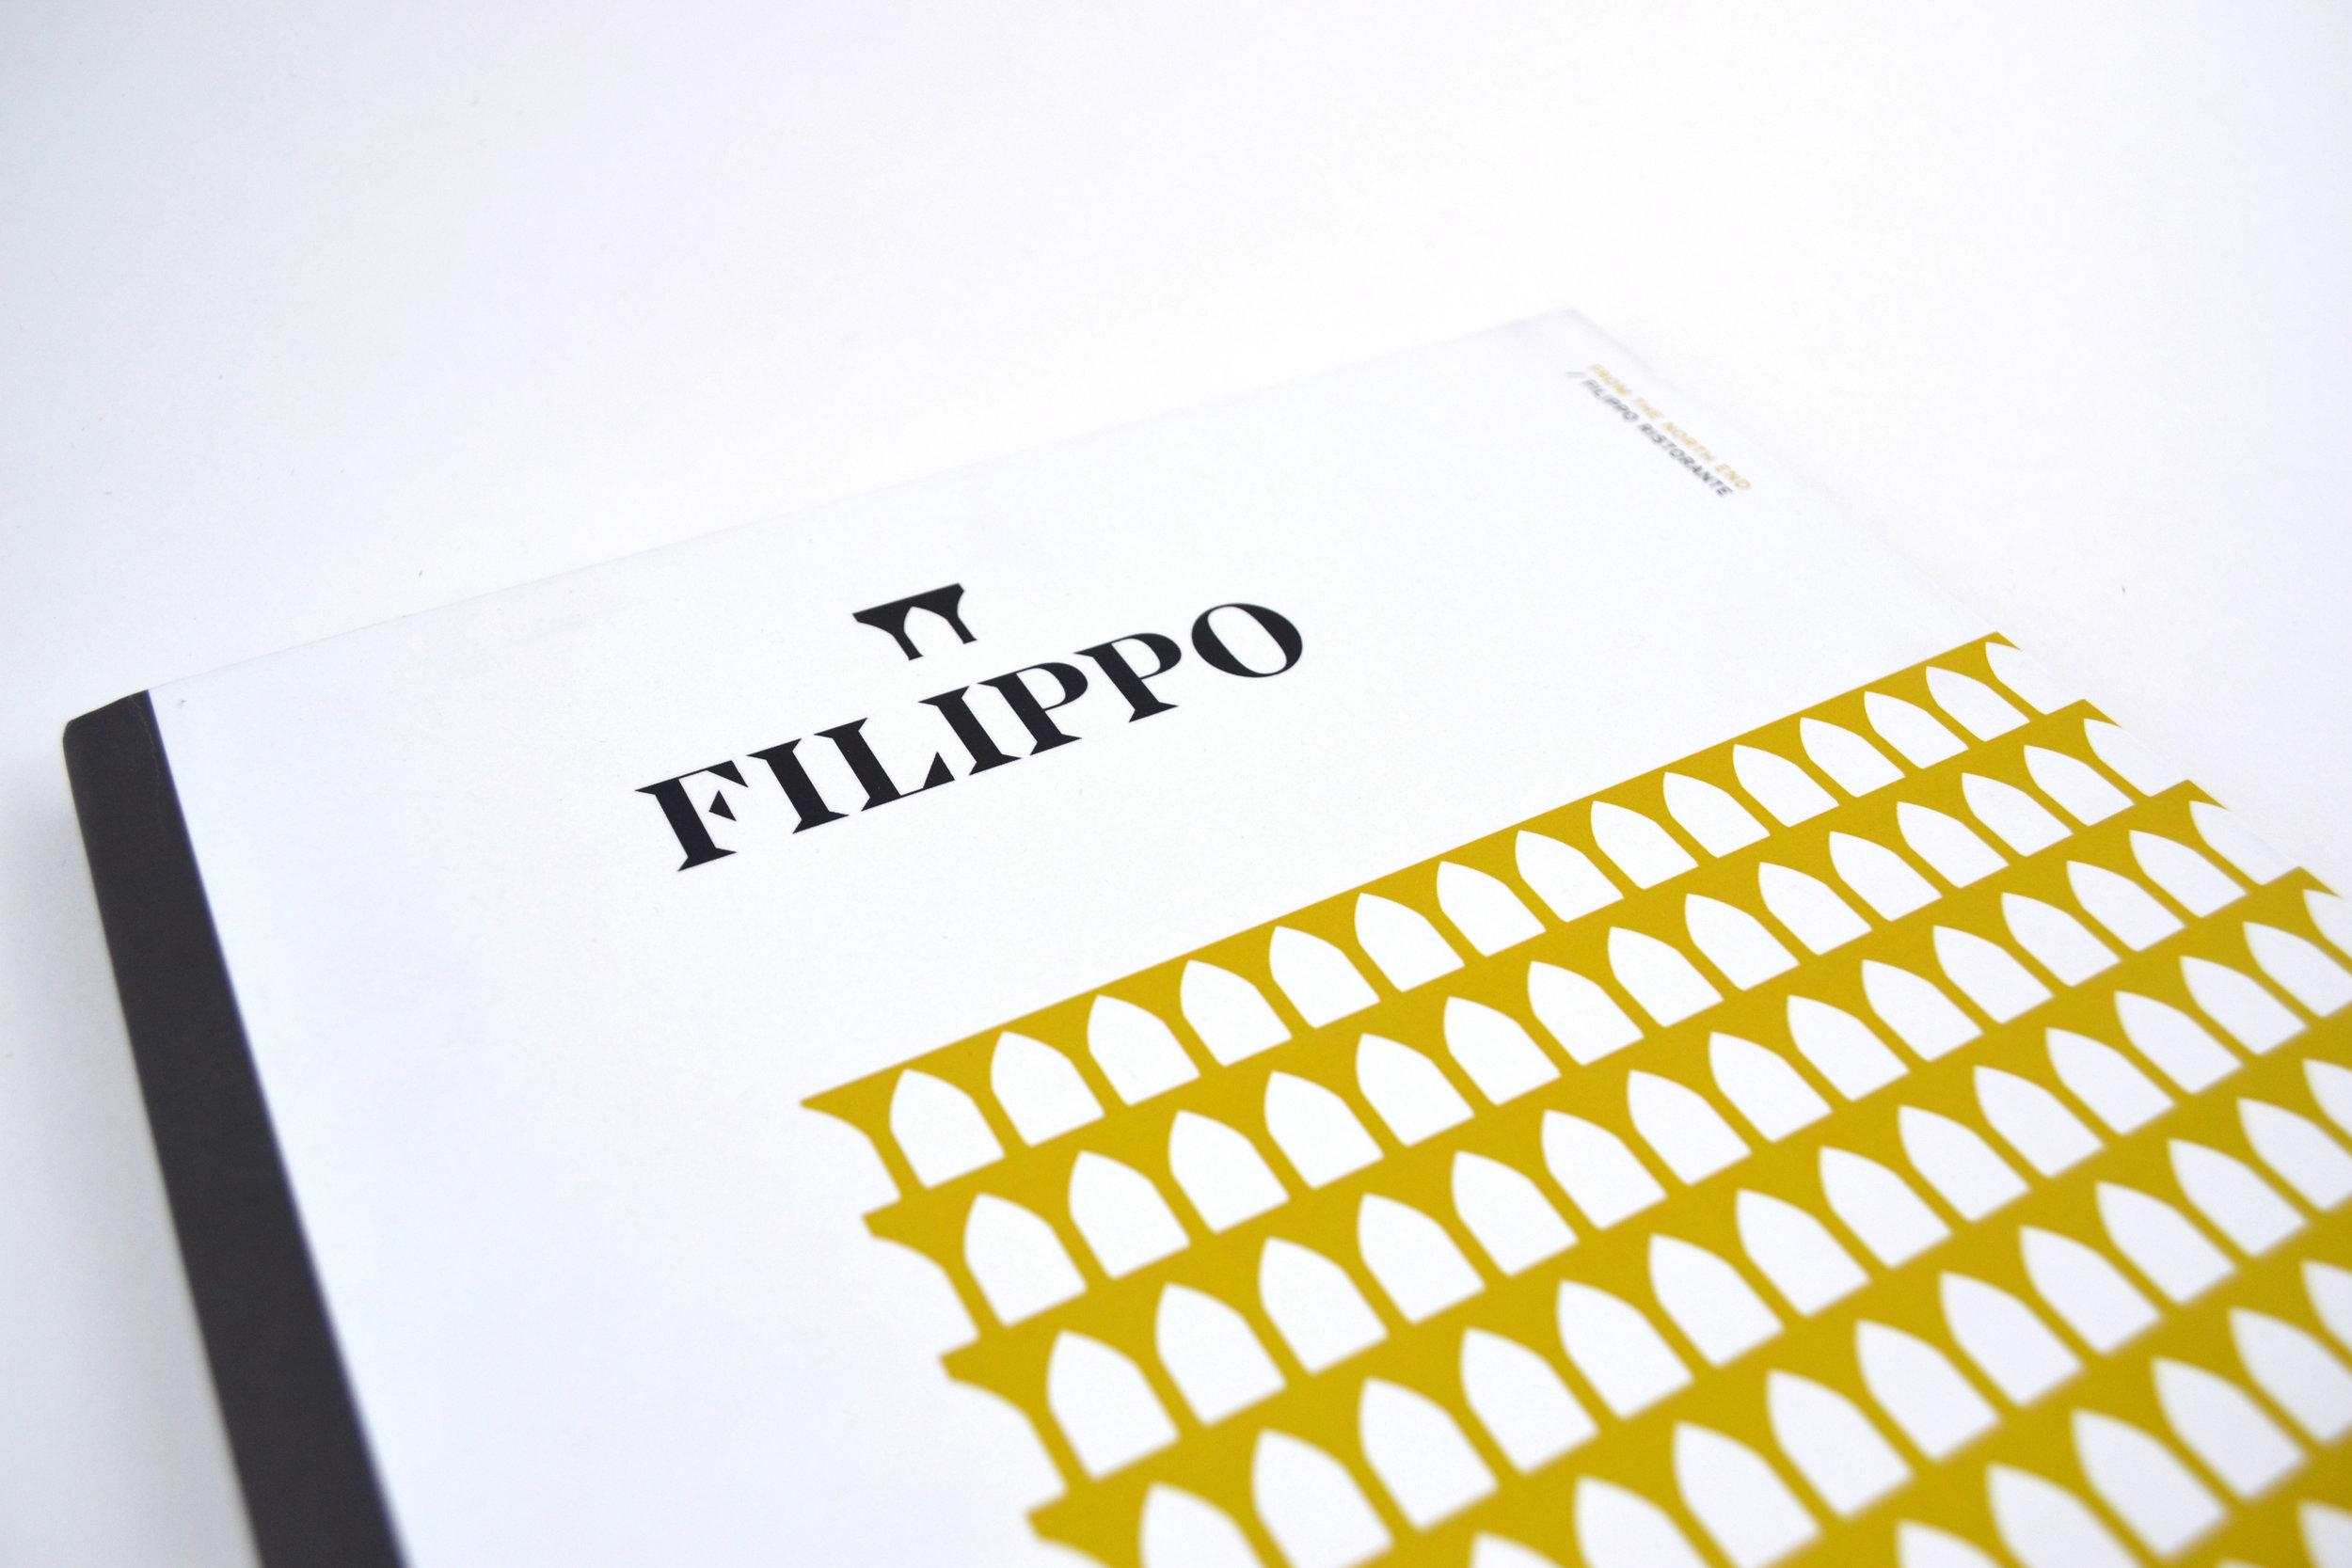 Filippo Brand Identity -